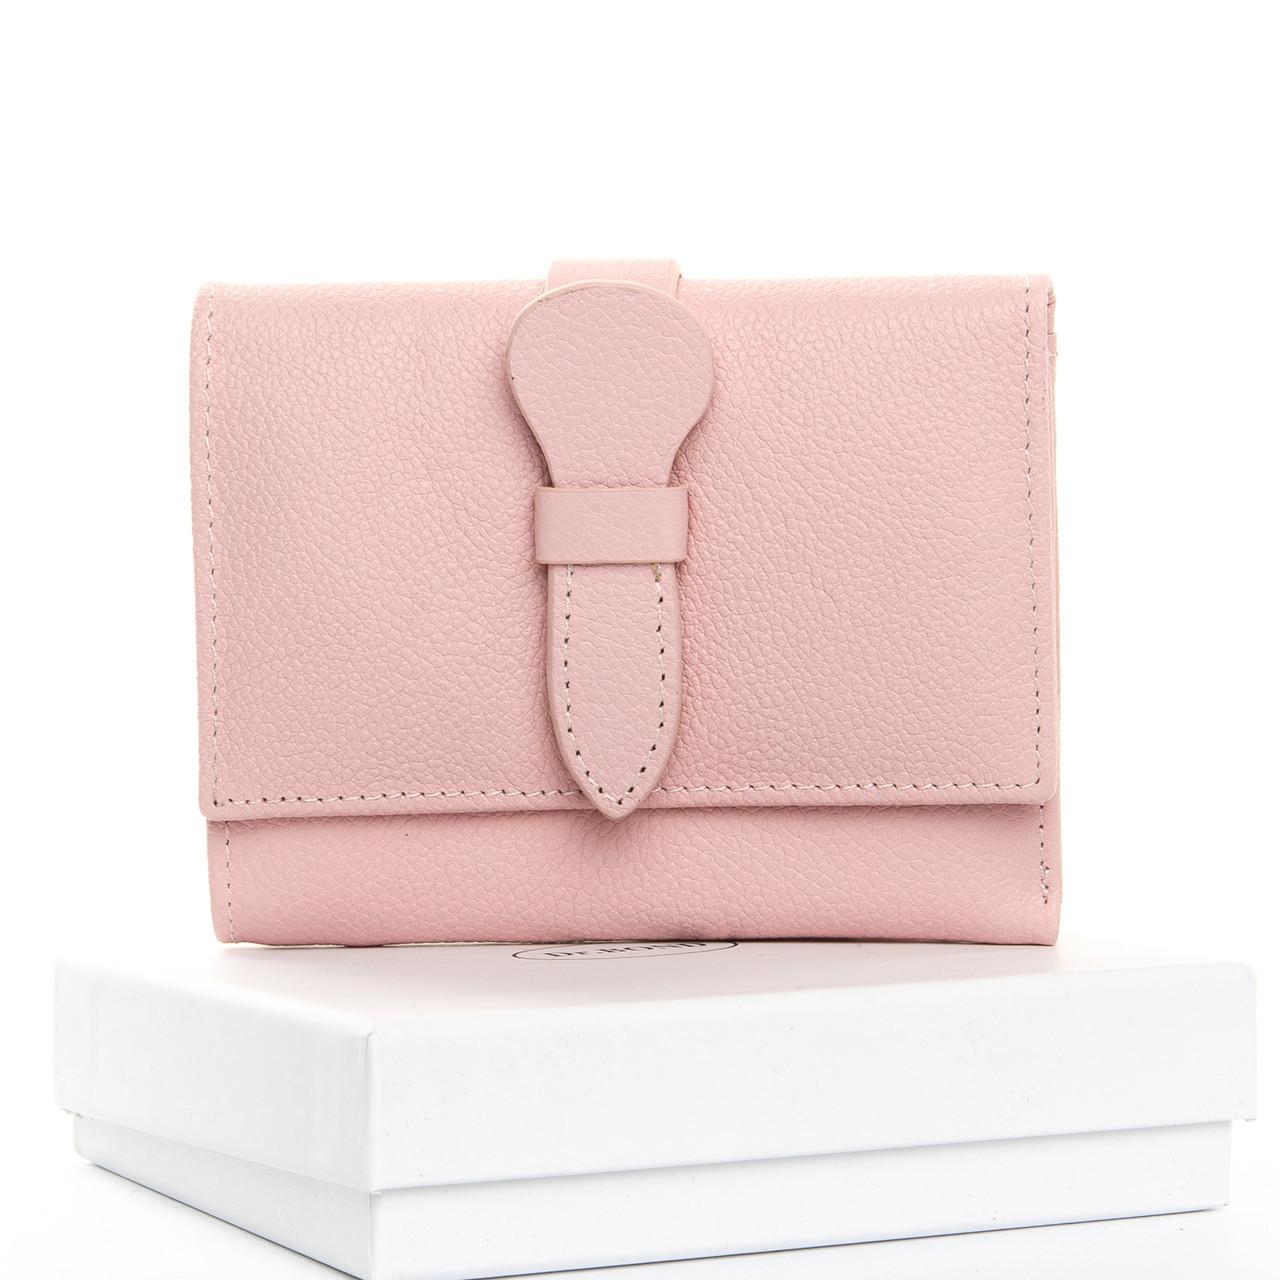 Стильный женский кошелек из натуральной кожи DR. BOND разные цвета в коробке